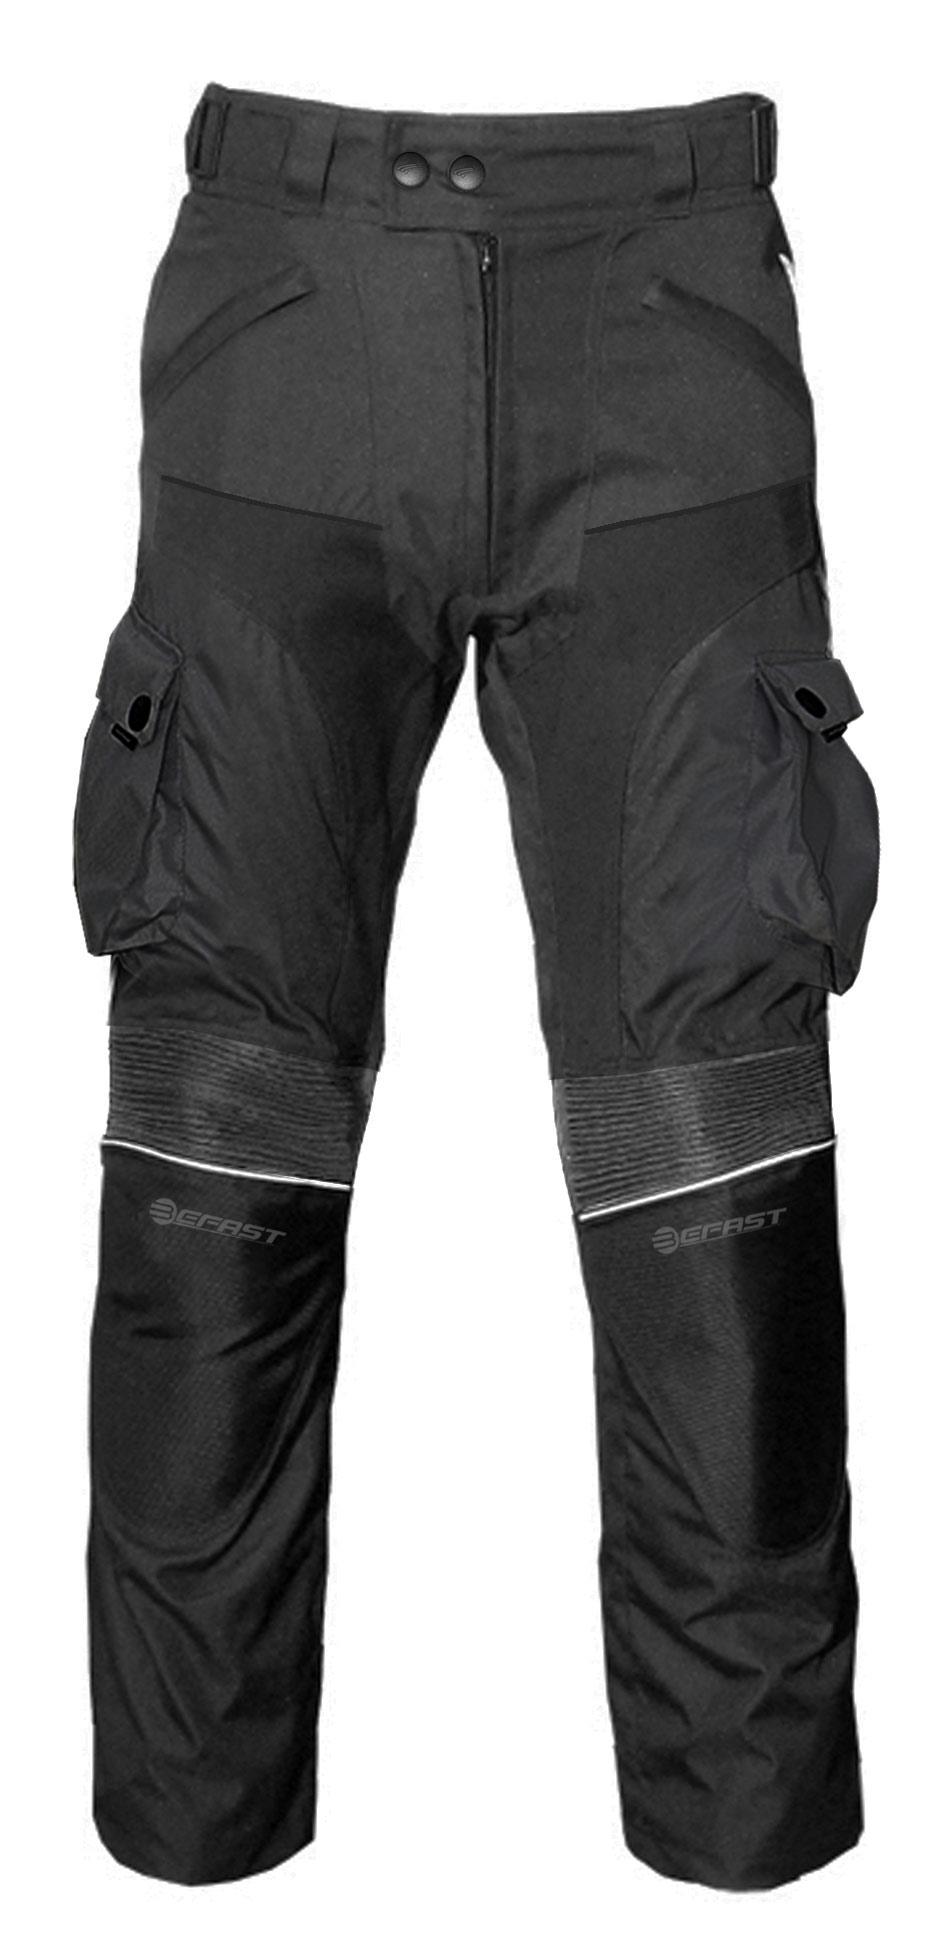 Pantaloni moto touring Befast Four Climath EVO 4 stagioni Nero